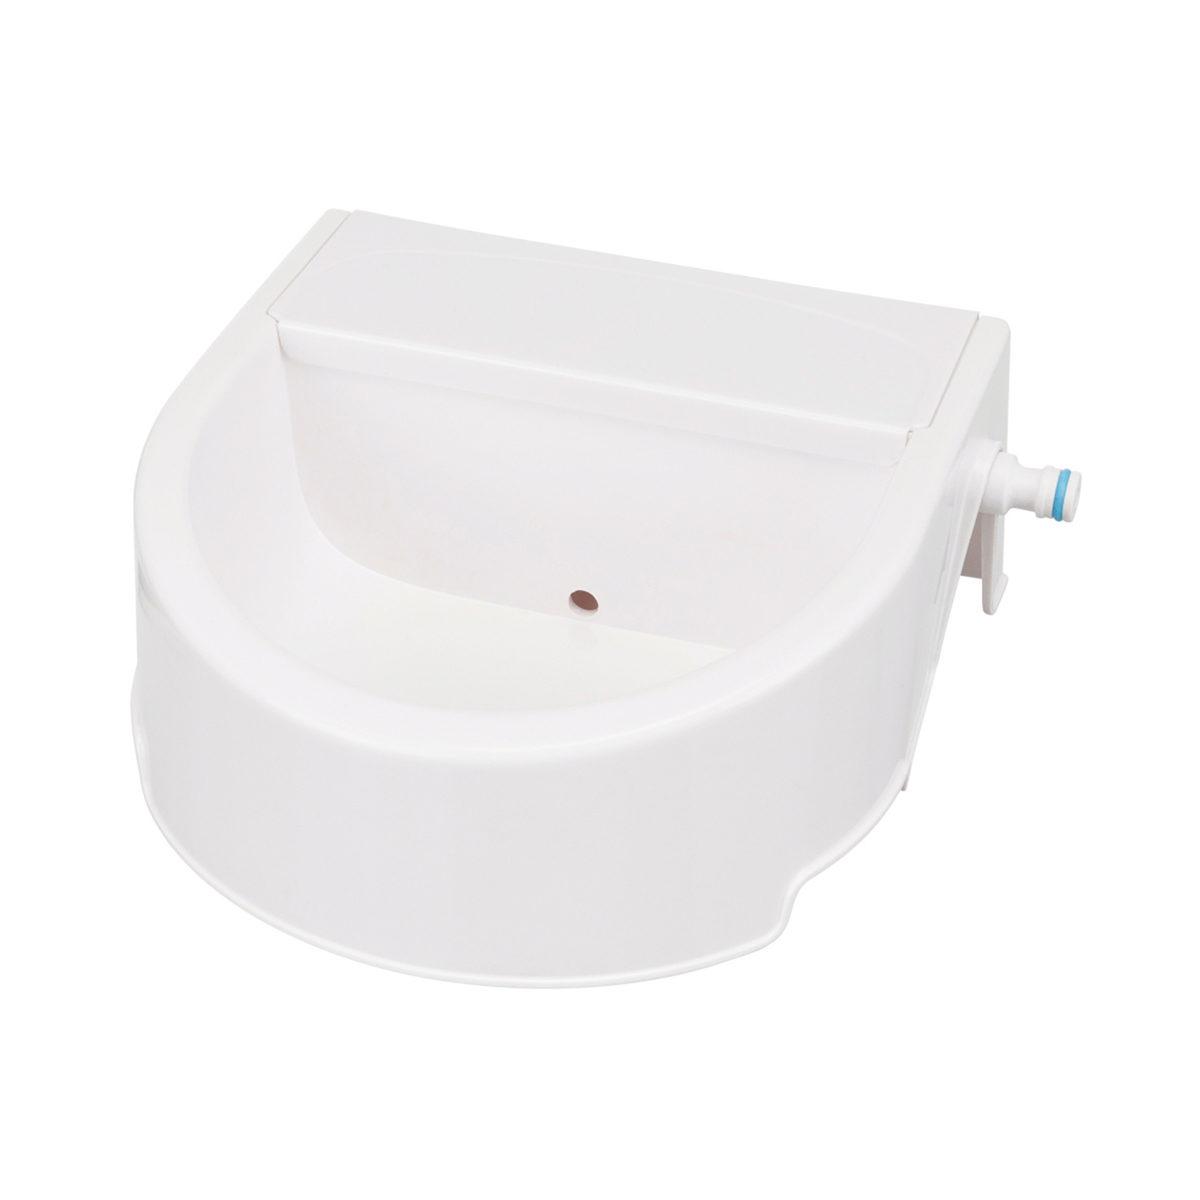 Automatische Outdoor Drinkbak 24x10x23 cm wit